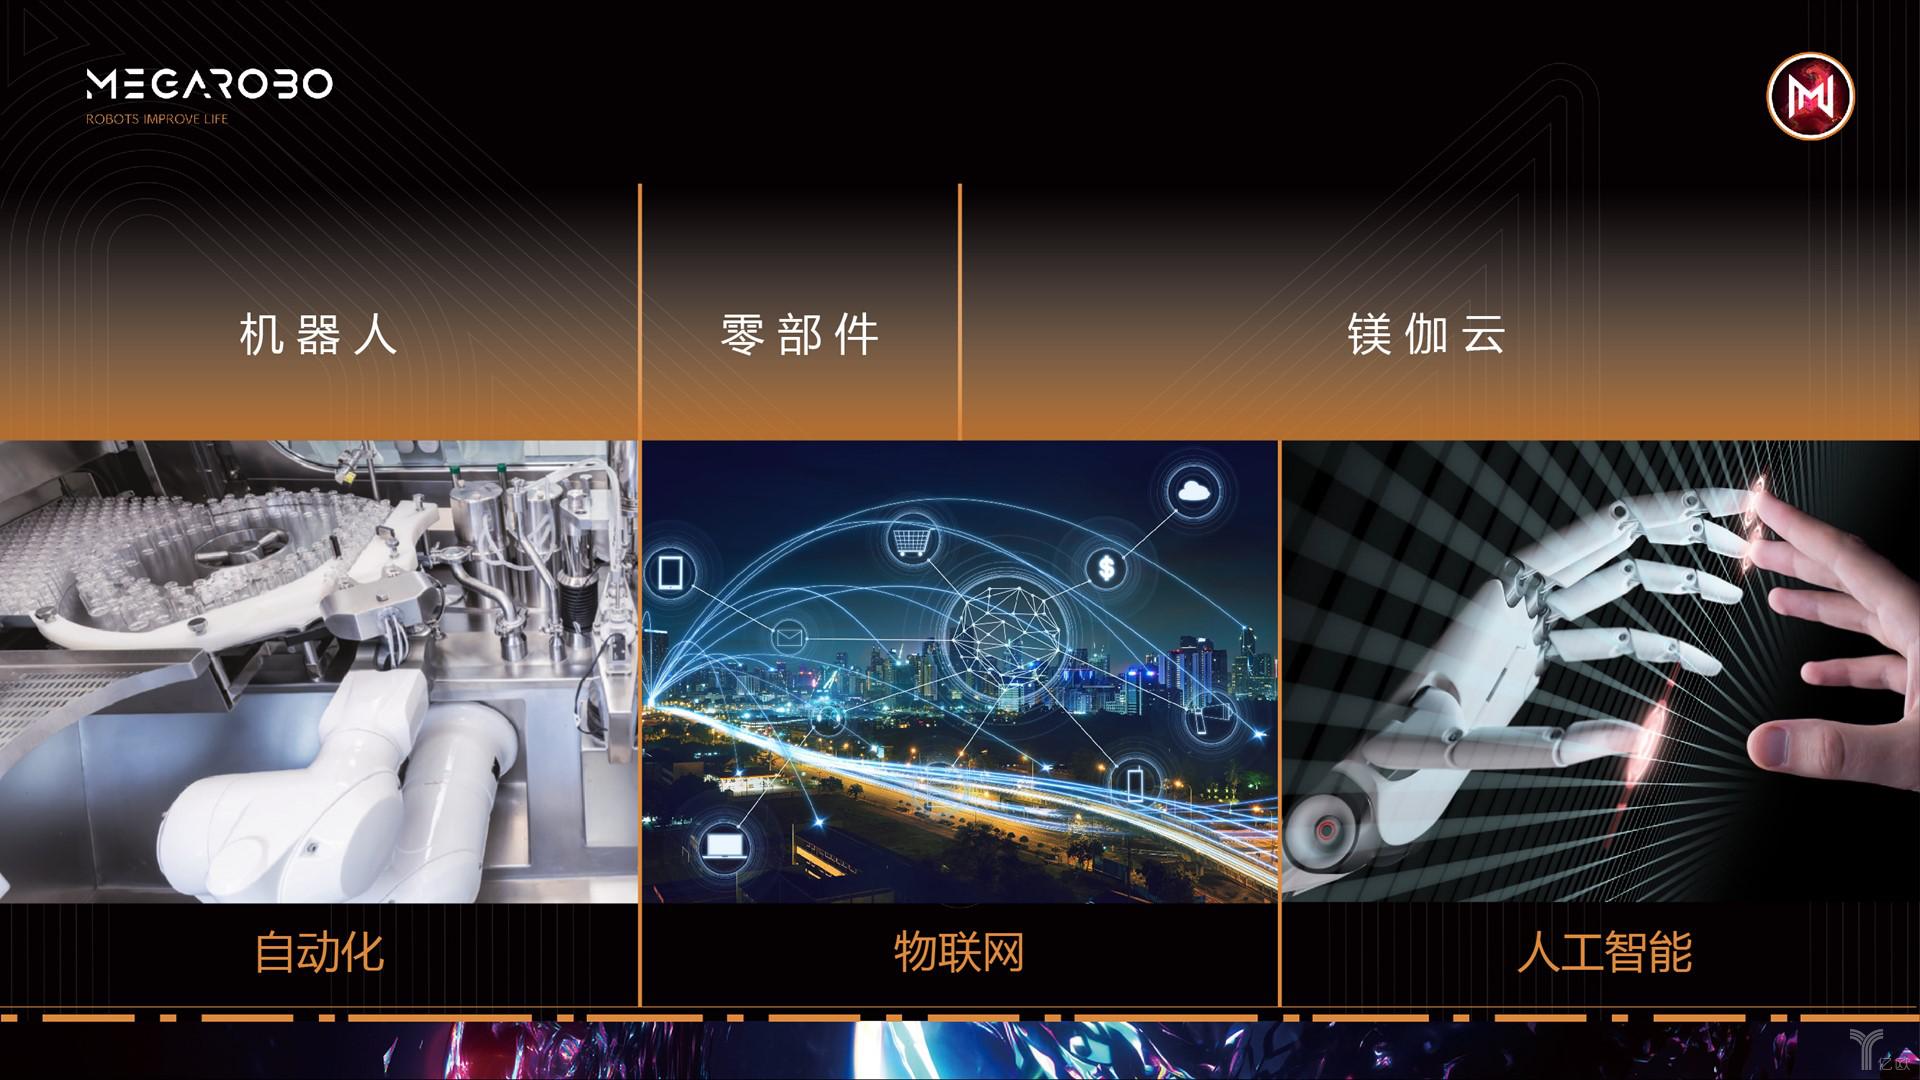 镁伽机器人新品发布会.png